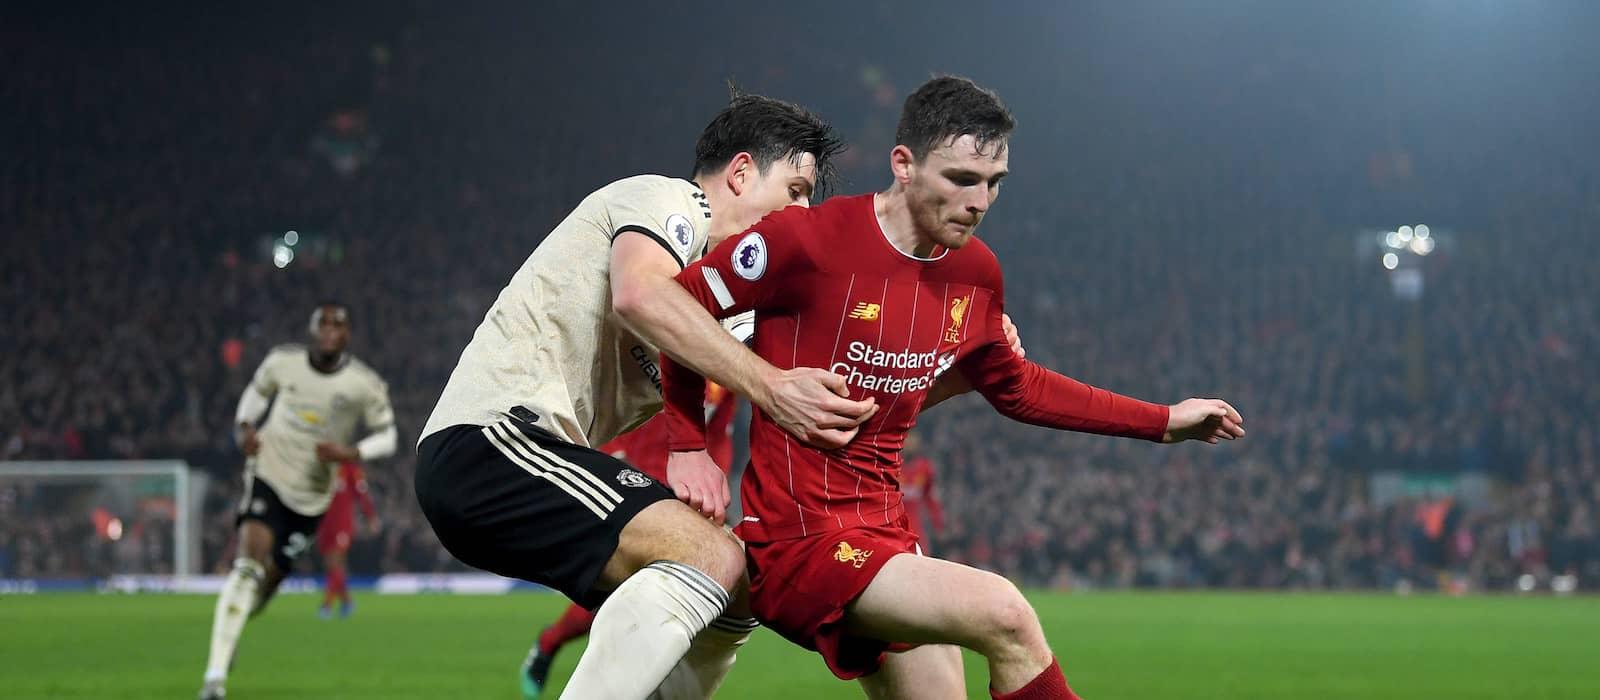 Rio Ferdinand criticises Harry Maguire's role in Burnley loss